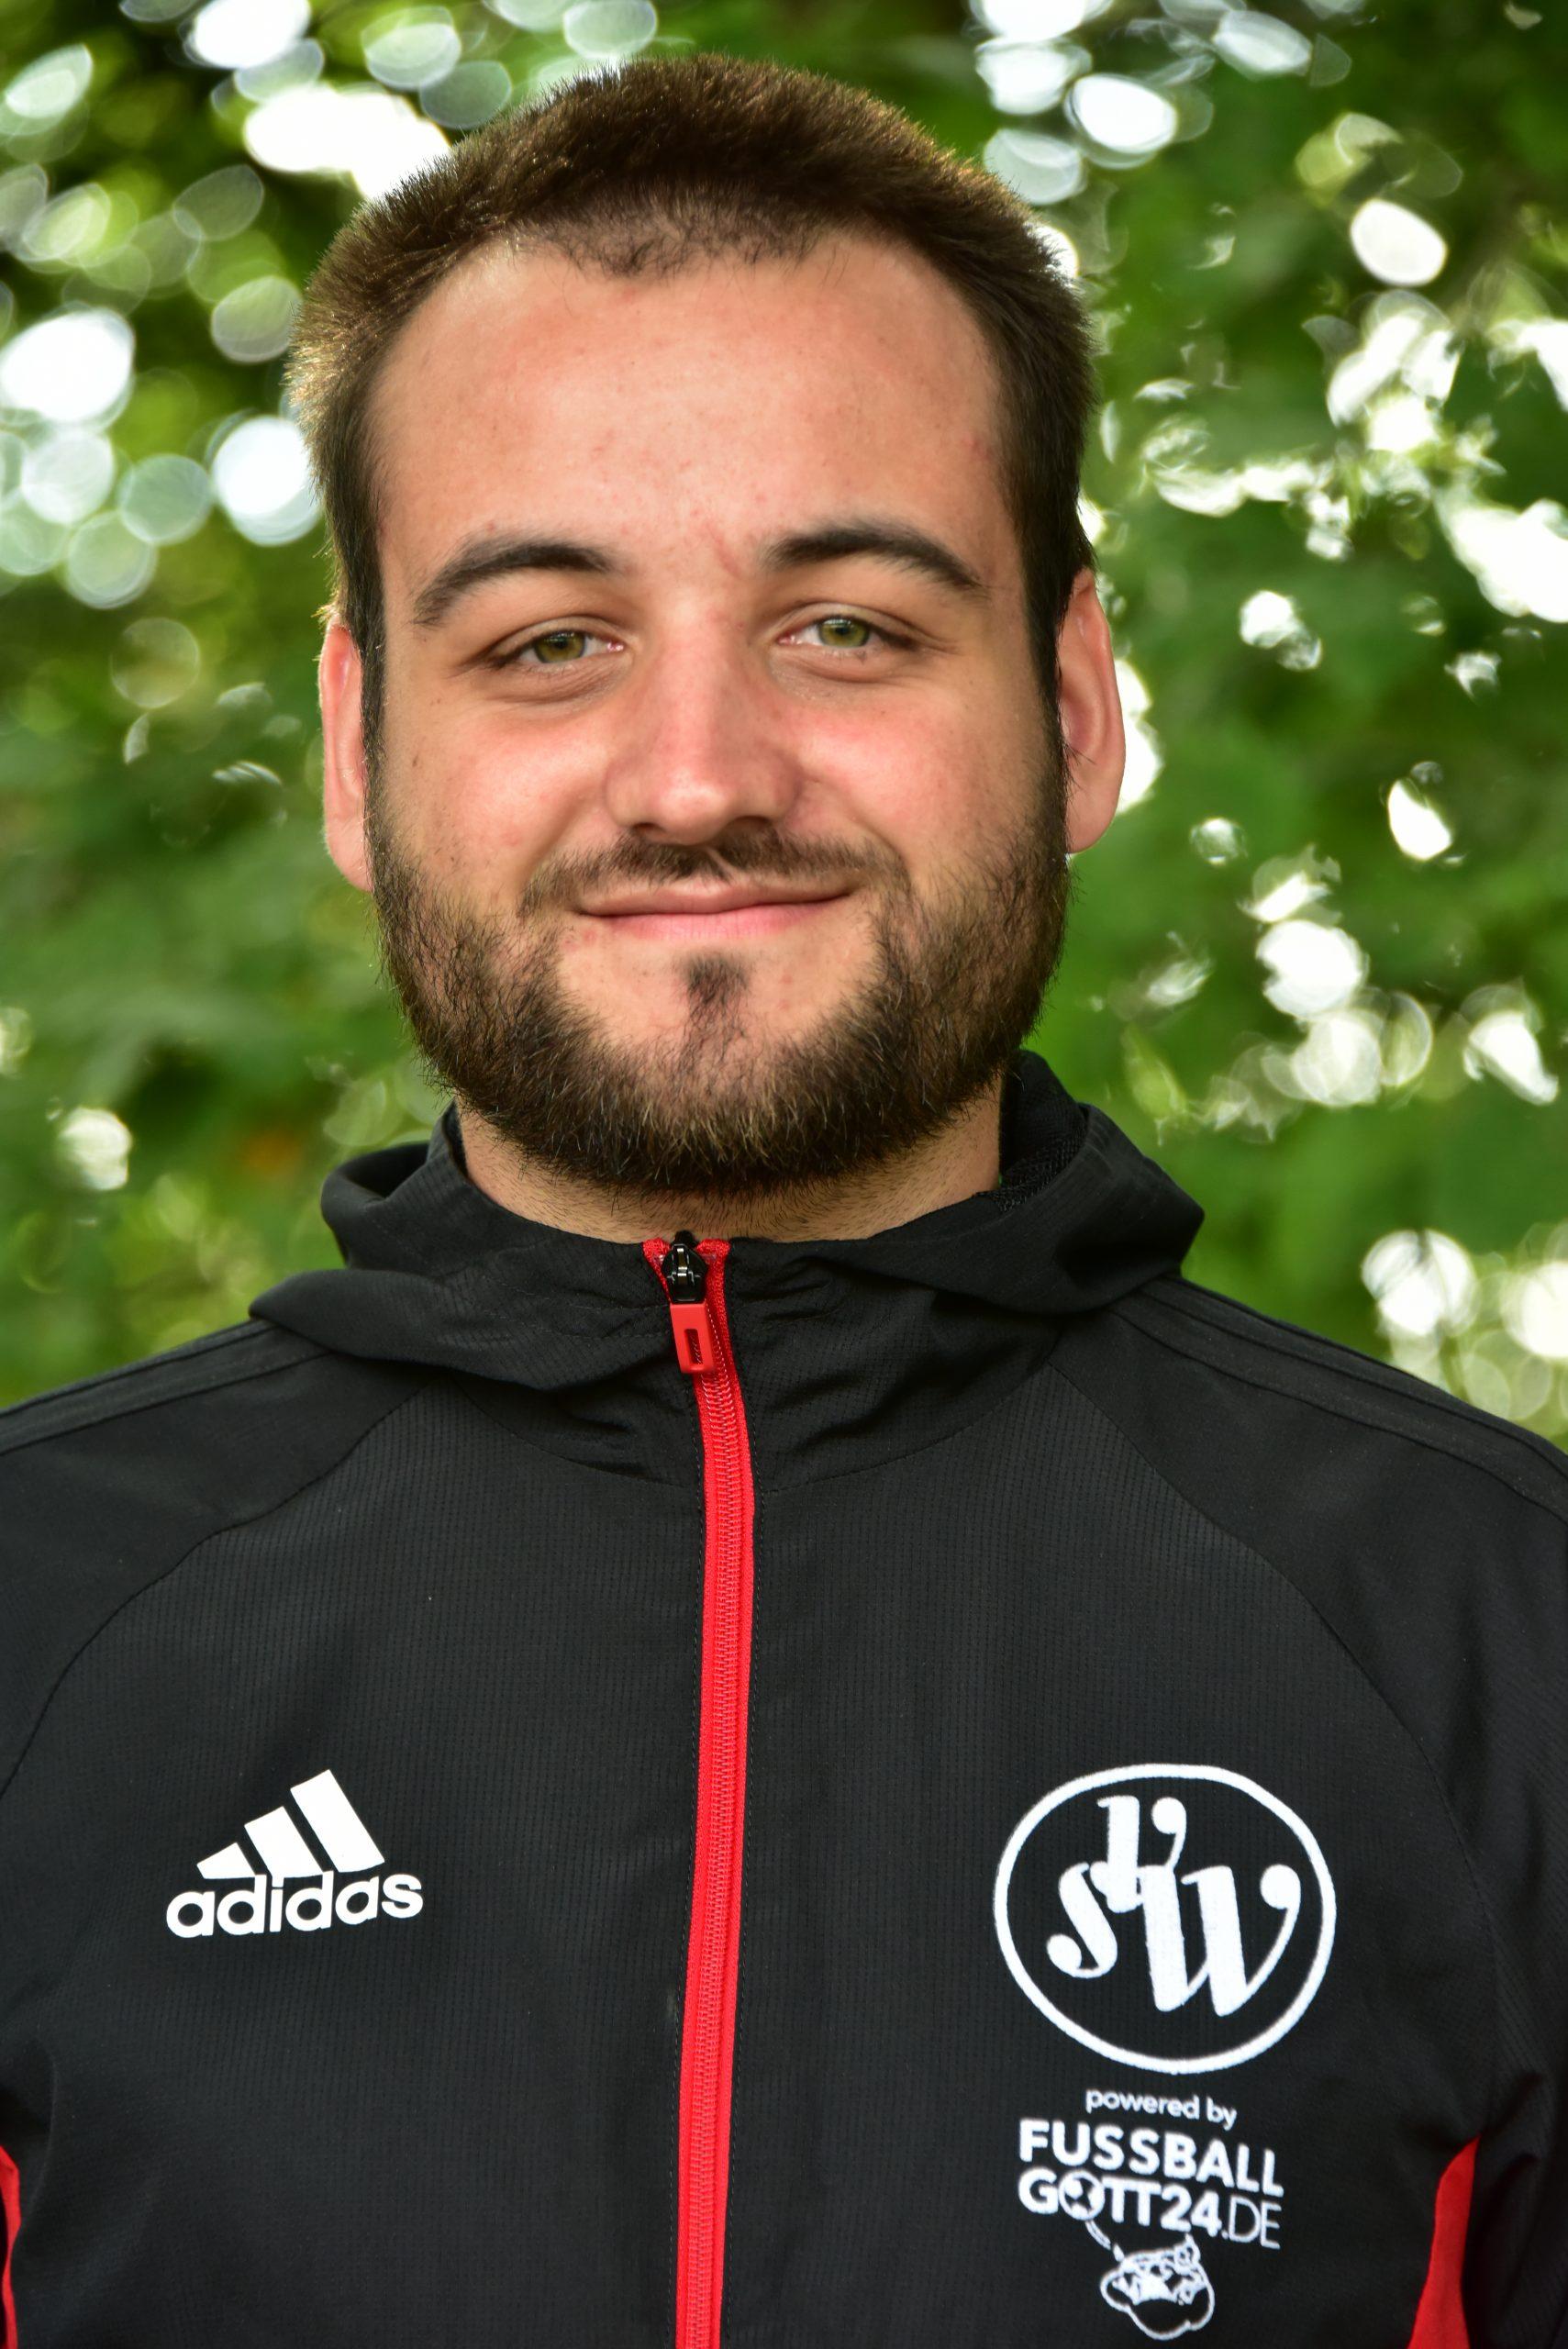 Jens Saam